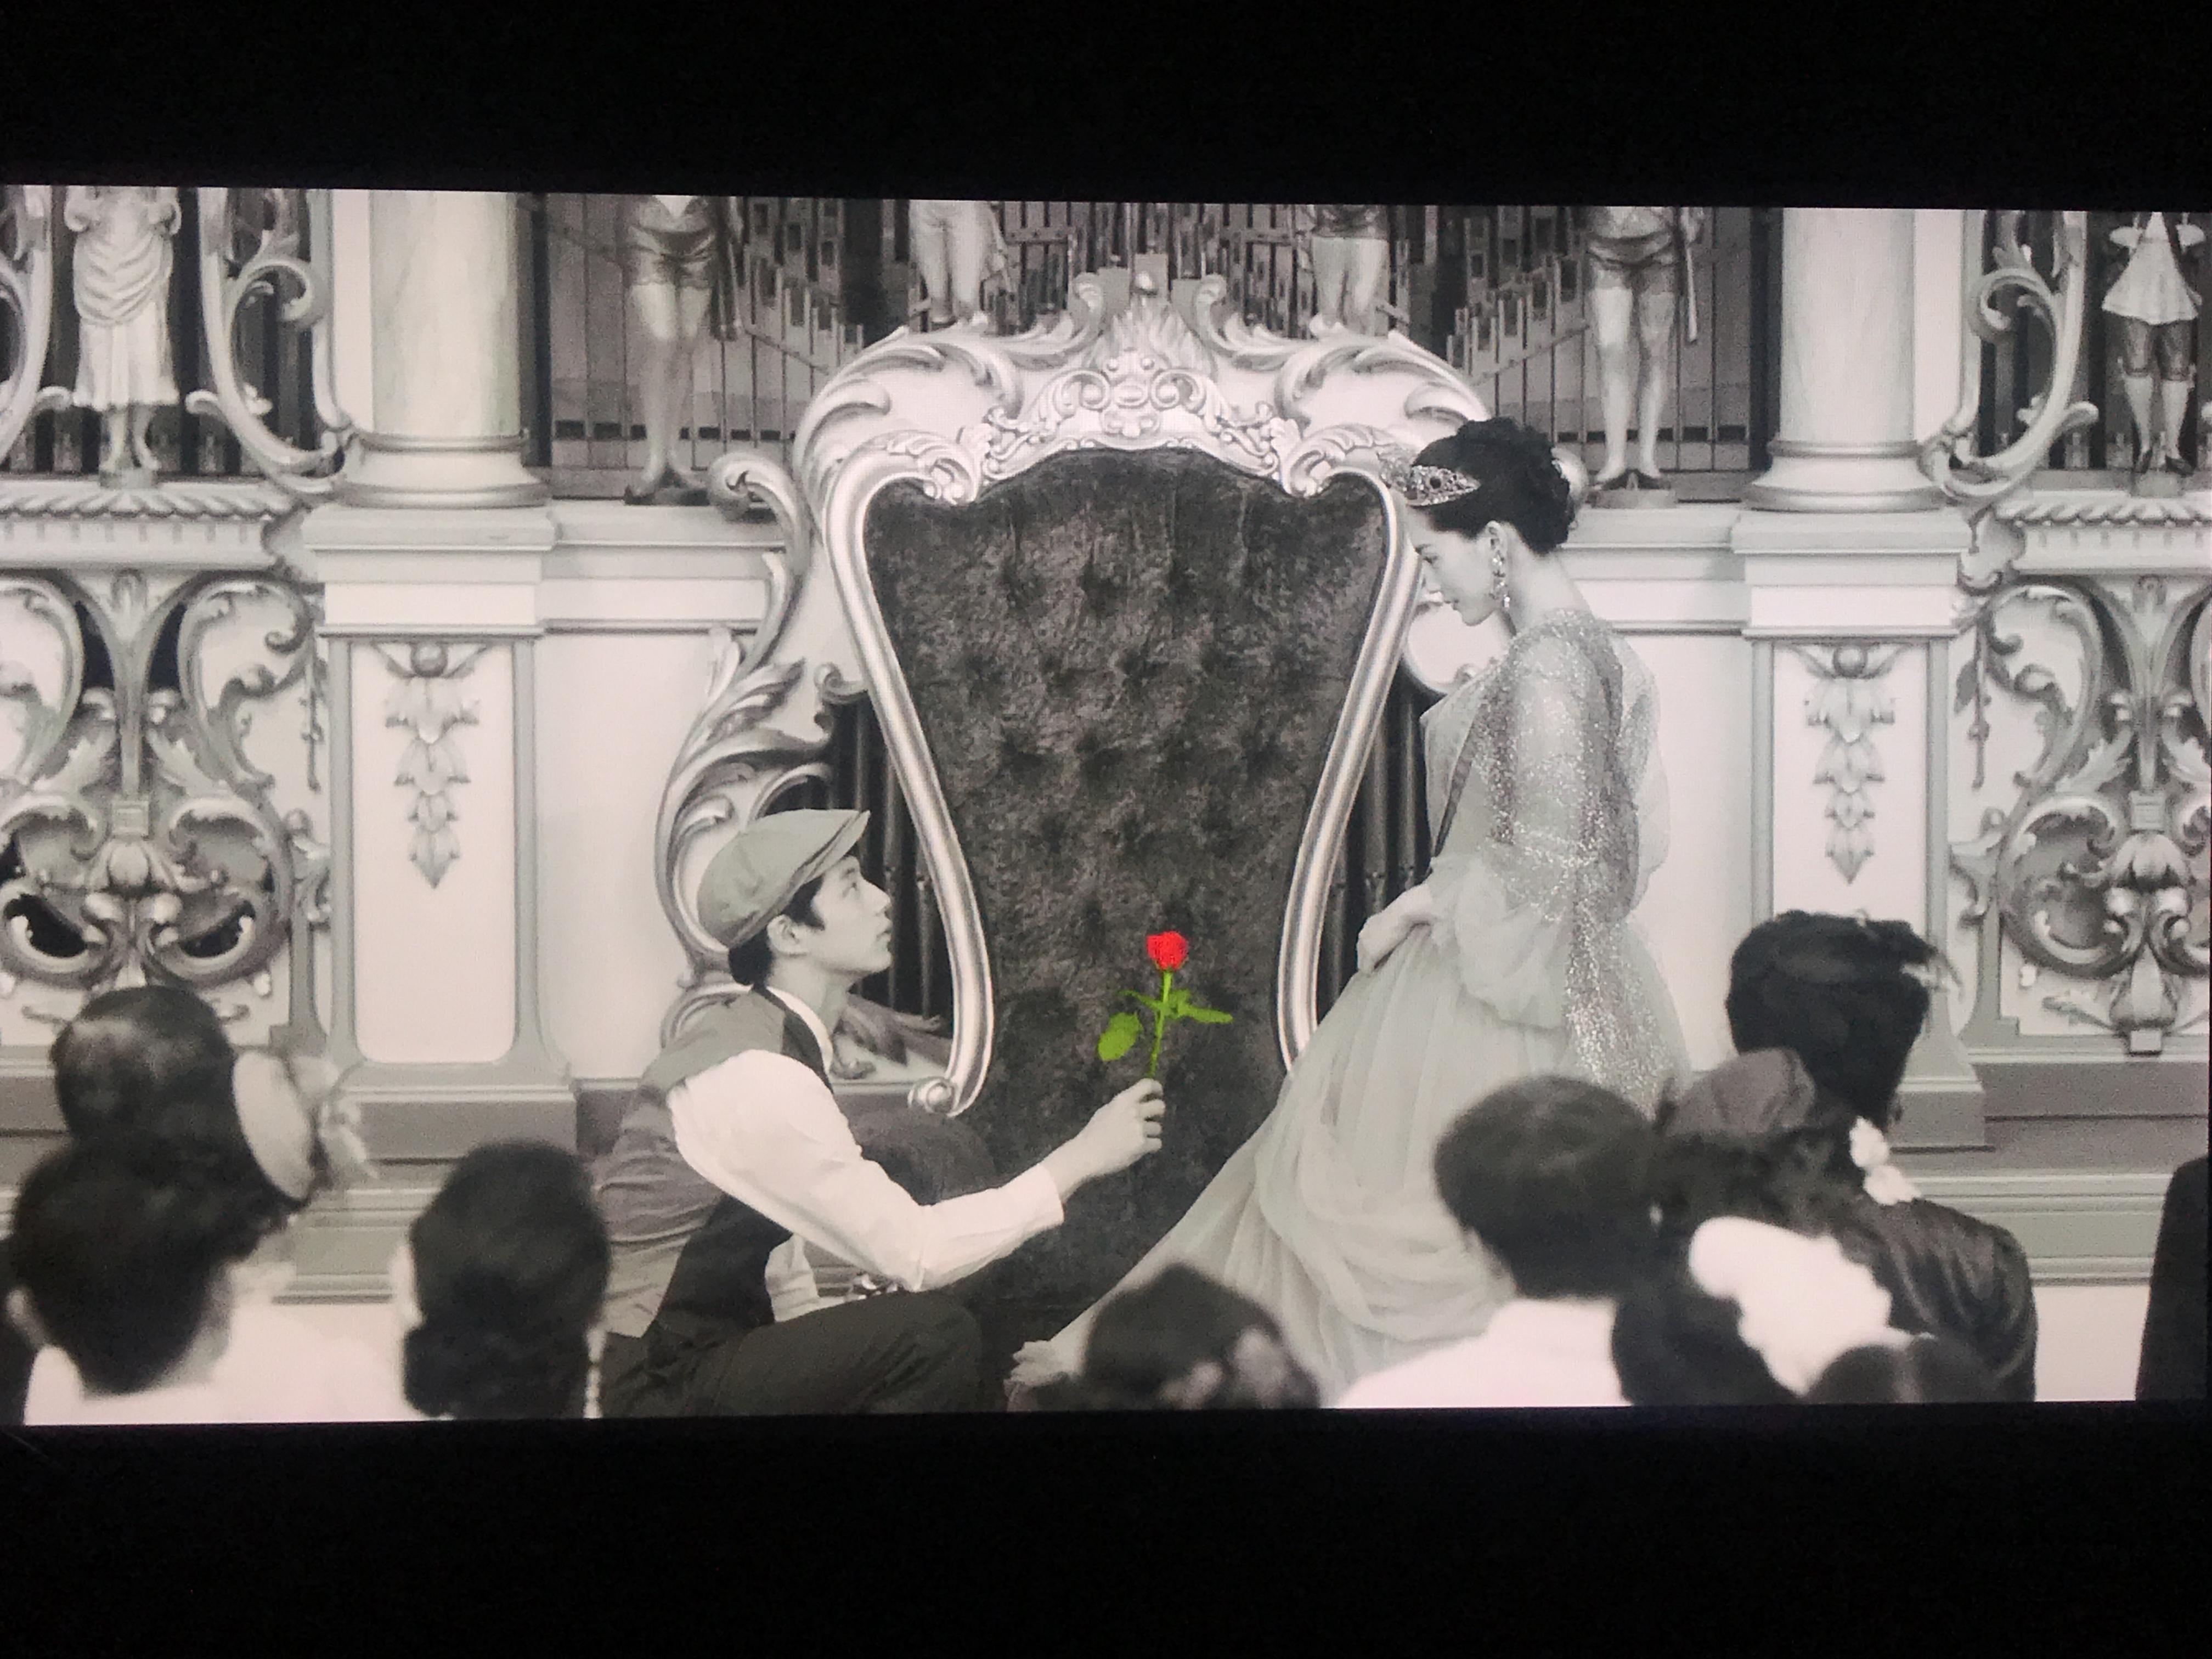 오늘 밤, 로맨스 극장에서 - 컬러를 입은 흑백 동화